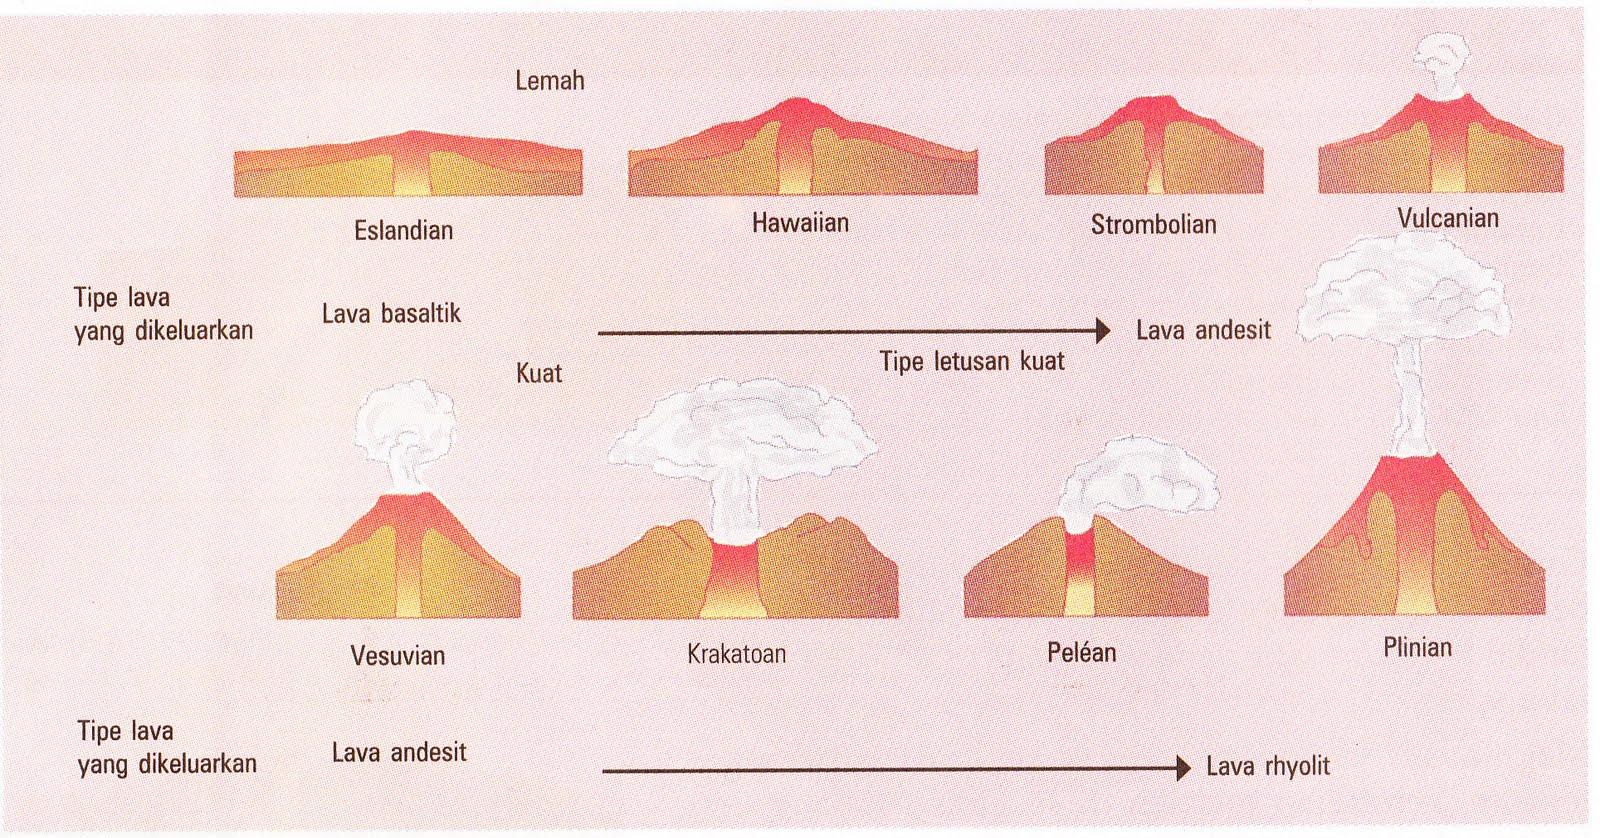 Worksheet Lava Types Of Volcanoes